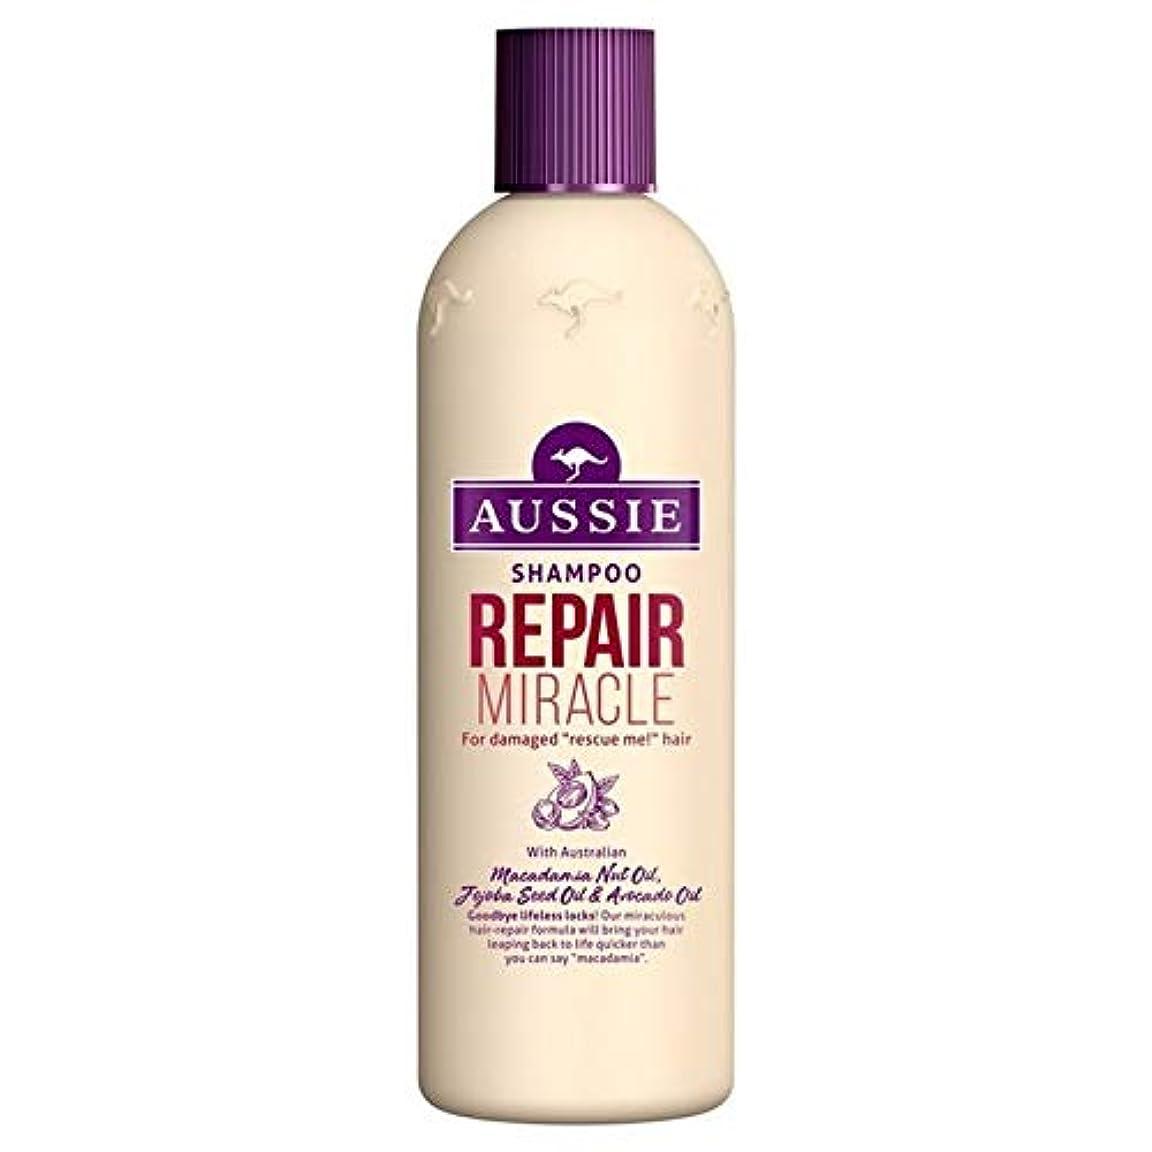 溶岩悪性のオピエート[Aussie ] いたずらな髪の300ミリリットルのすべての種類のオージーシャンプーの修理の奇跡 - Aussie Shampoo Repair Miracle for All Kinds of Naughty Hair 300ml [並行輸入品]